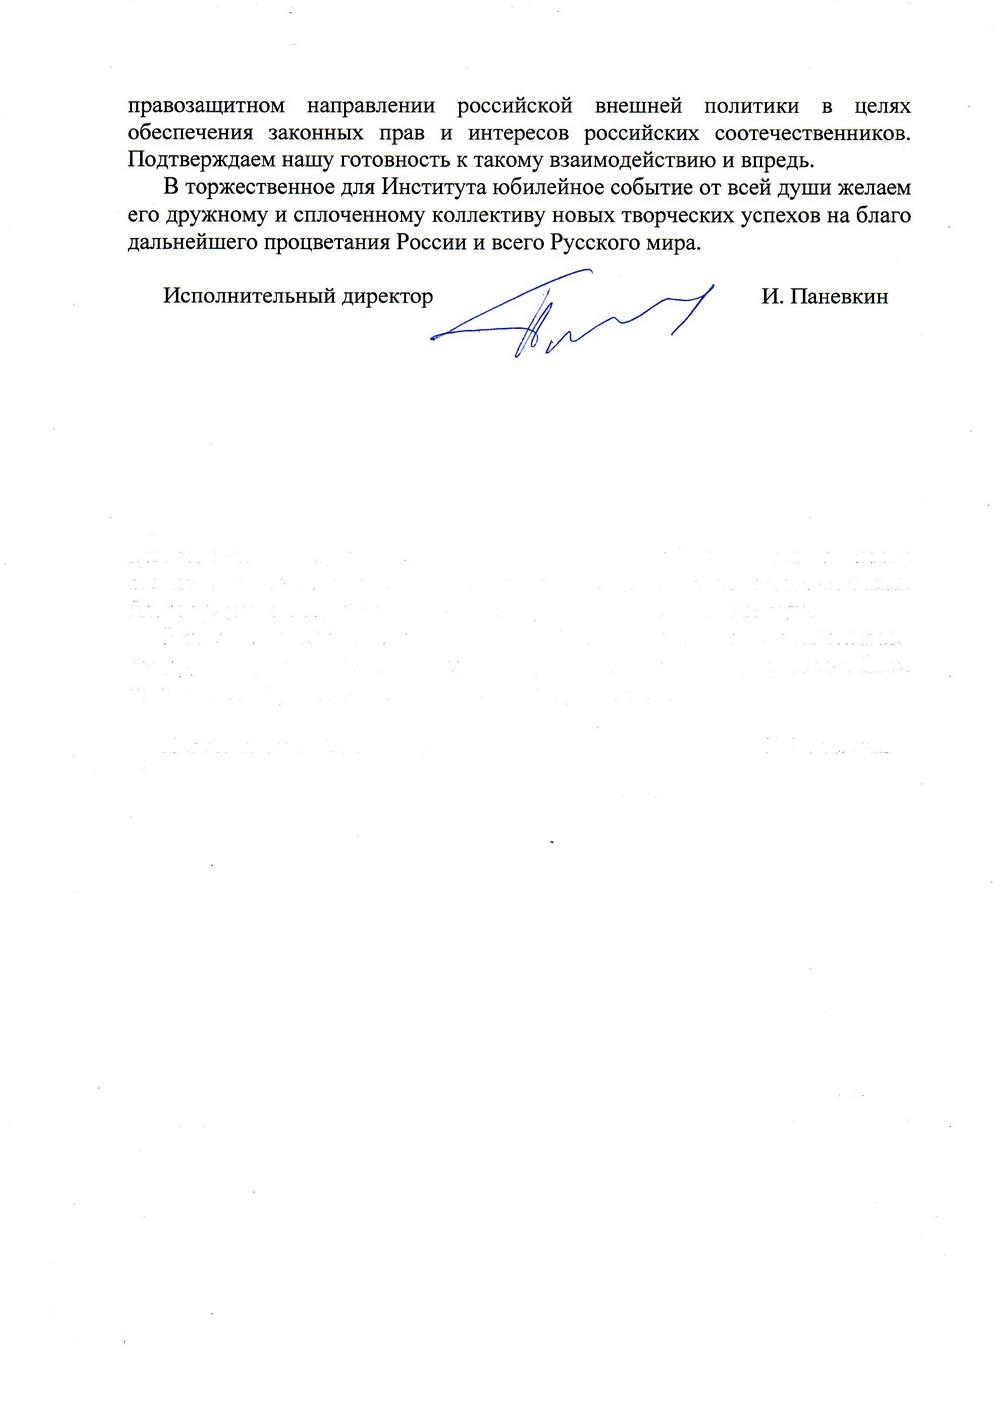 panevkin2